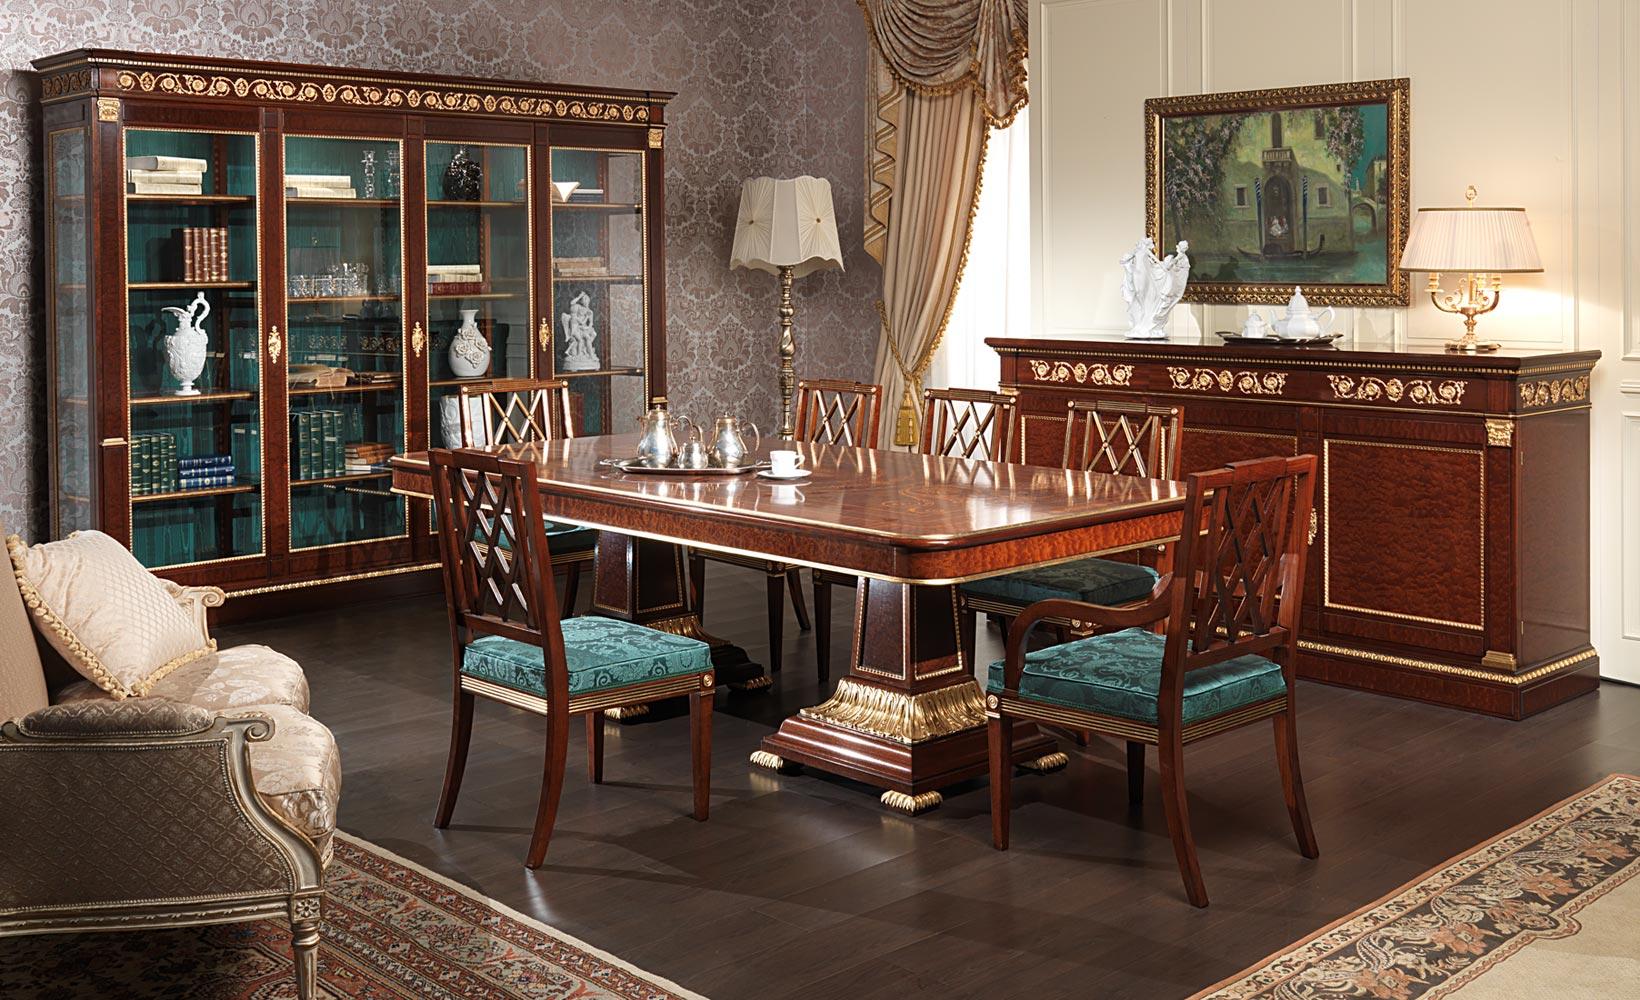 301 Moved Permanently #8F613C 1640 1000 Sala Da Pranzo Stile Fiorentino